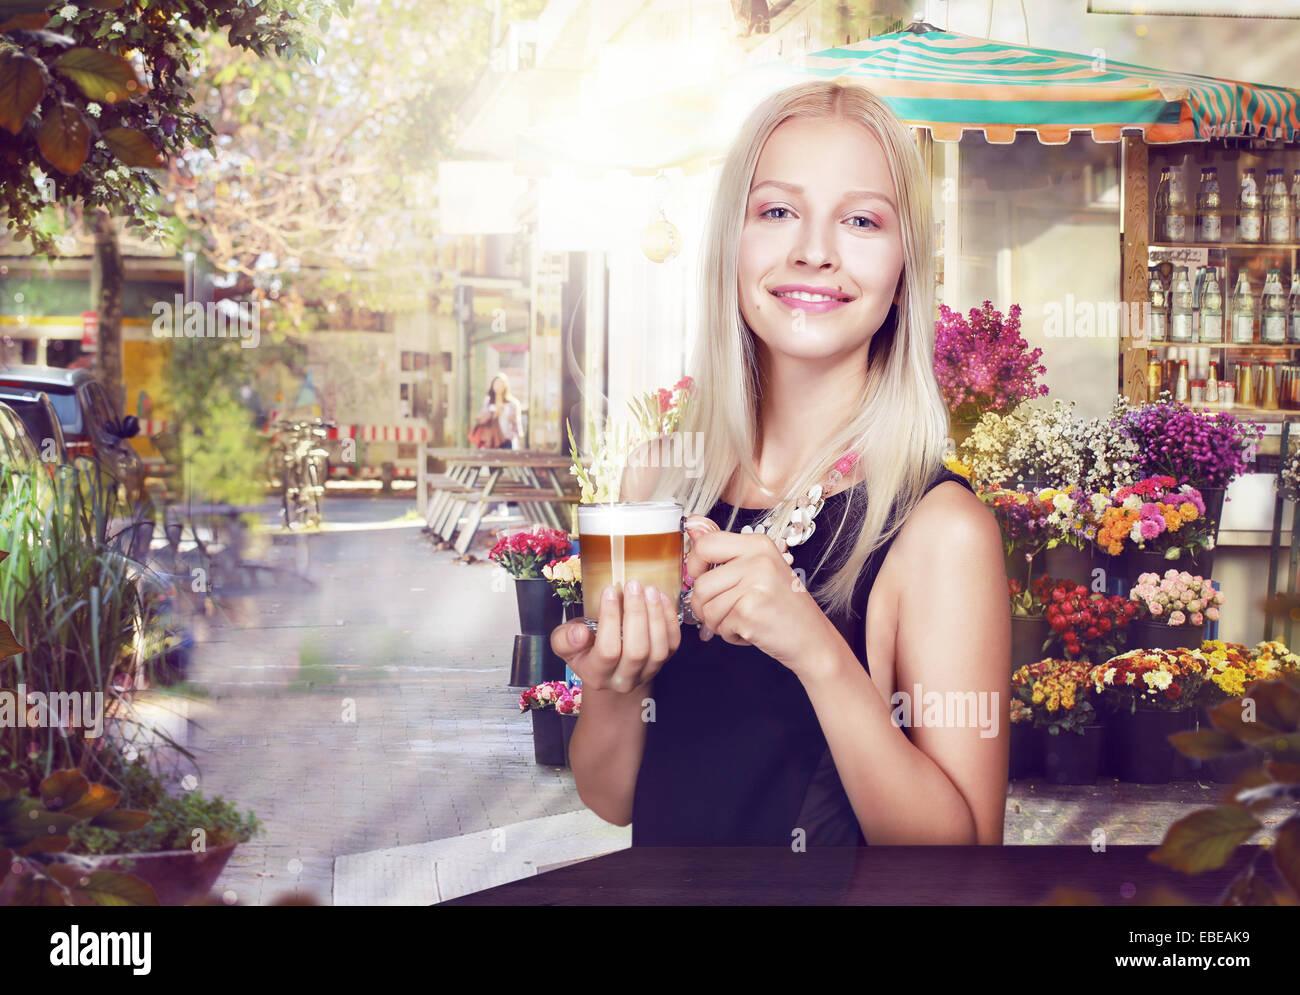 Erfrischung. Glückliche Frau mit Tasse Kaffee in einem Street Cafe Stockbild